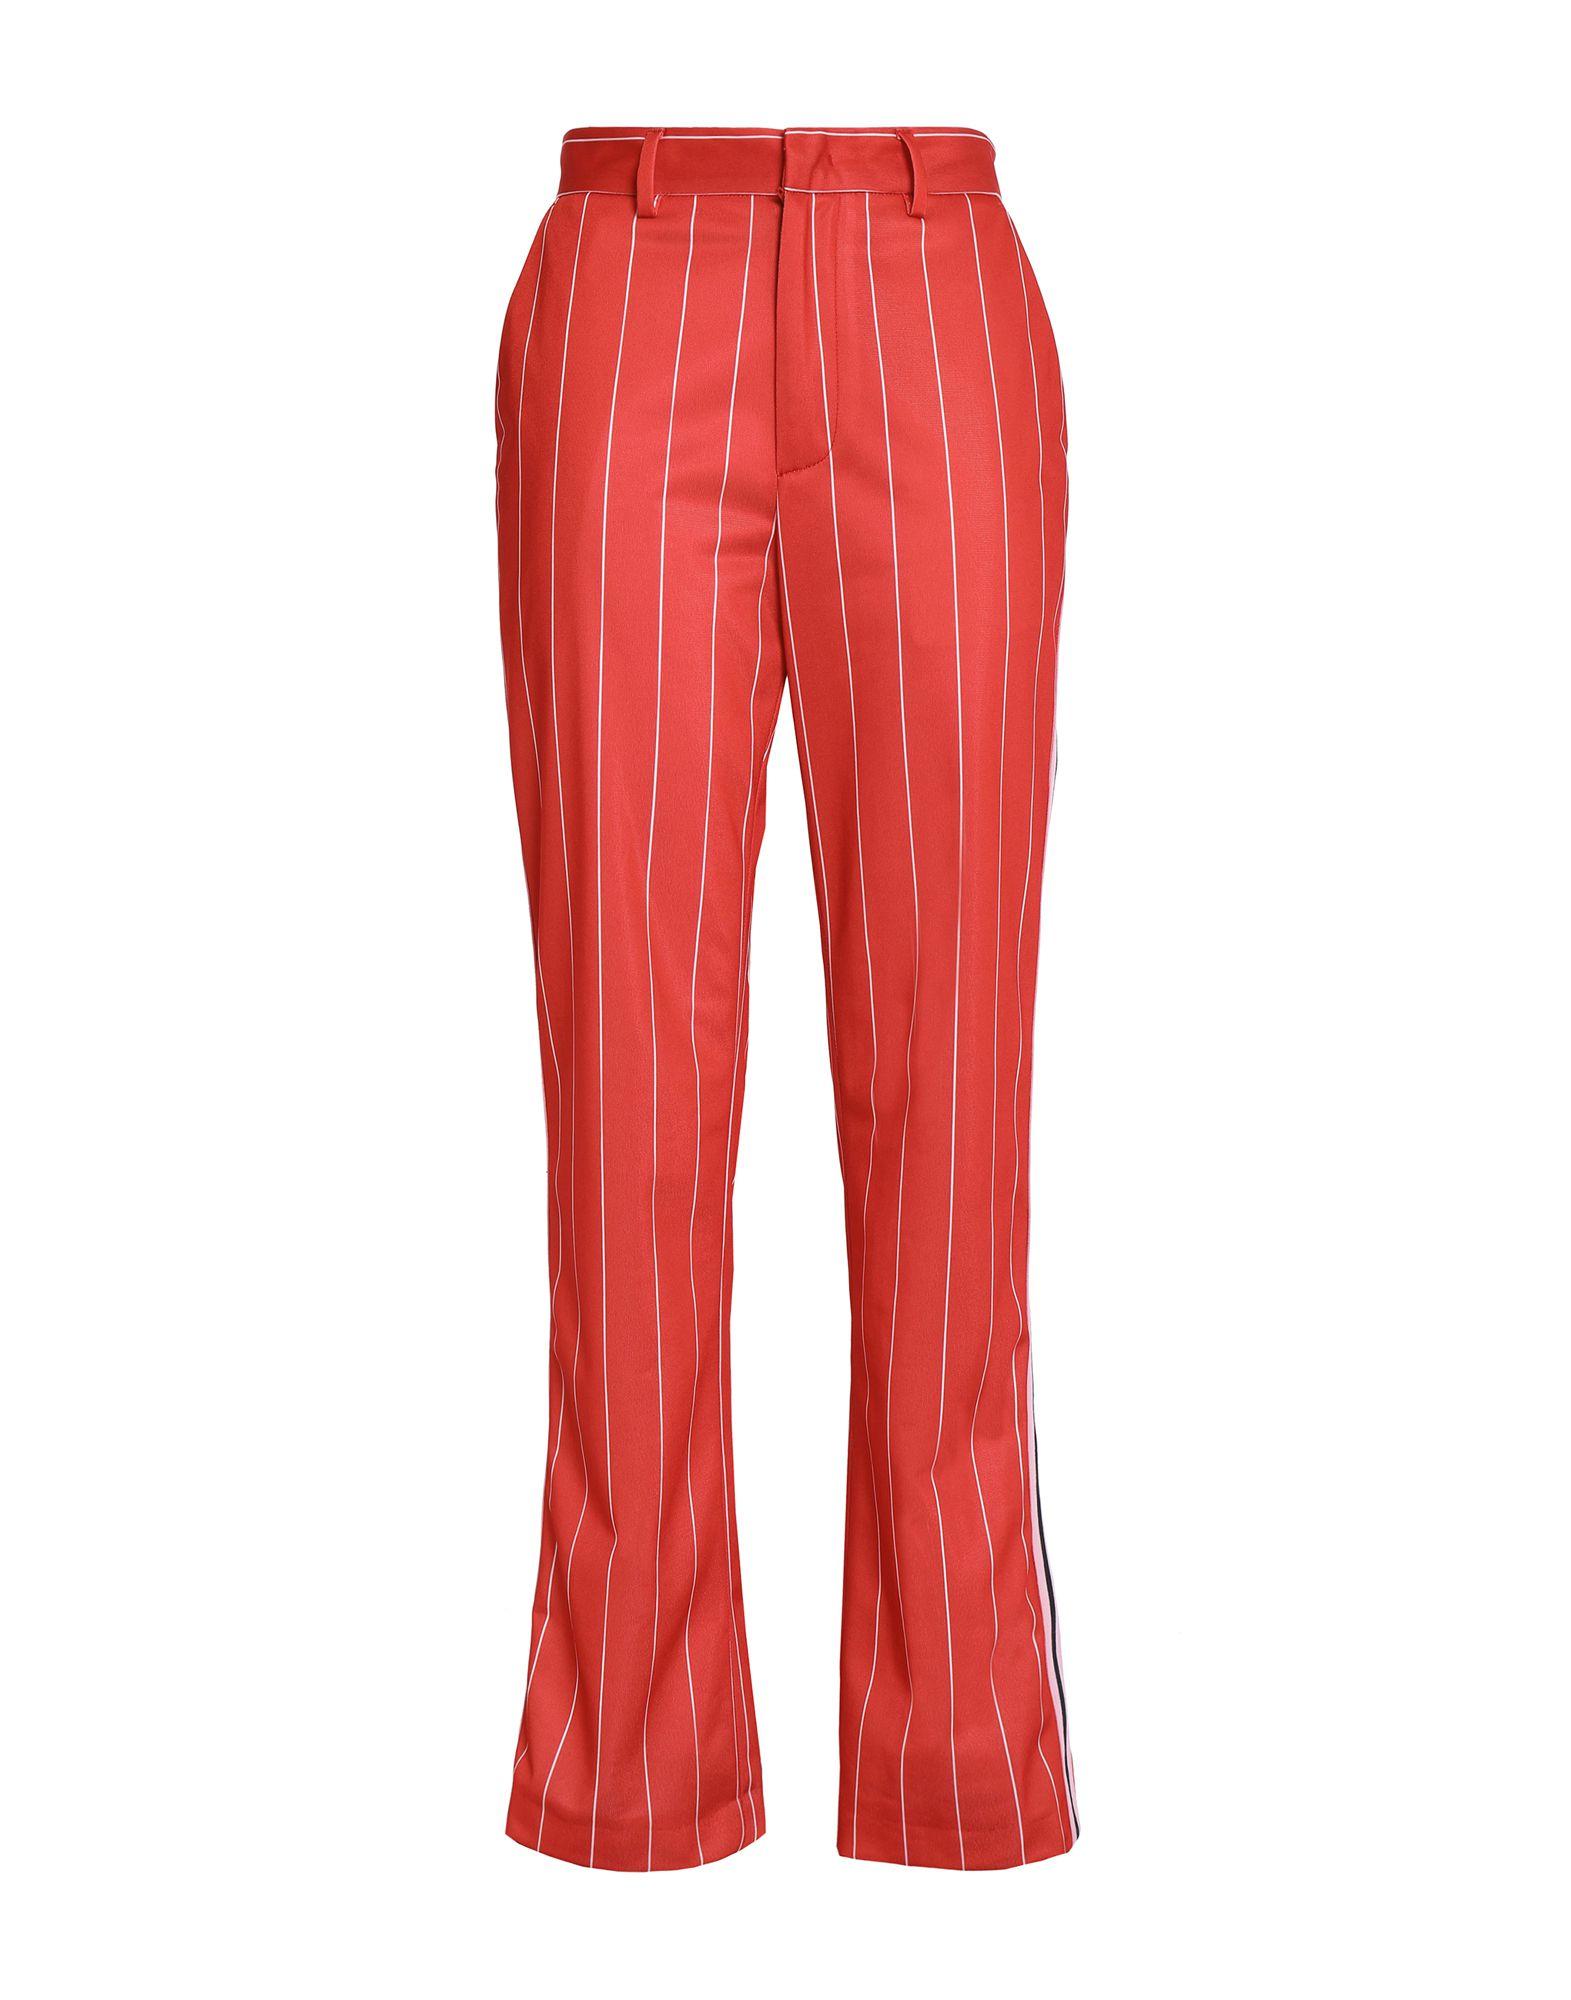 7fa2e46da7 Saldi Pantaloni Msgm Donna - Acquista online su YOOX